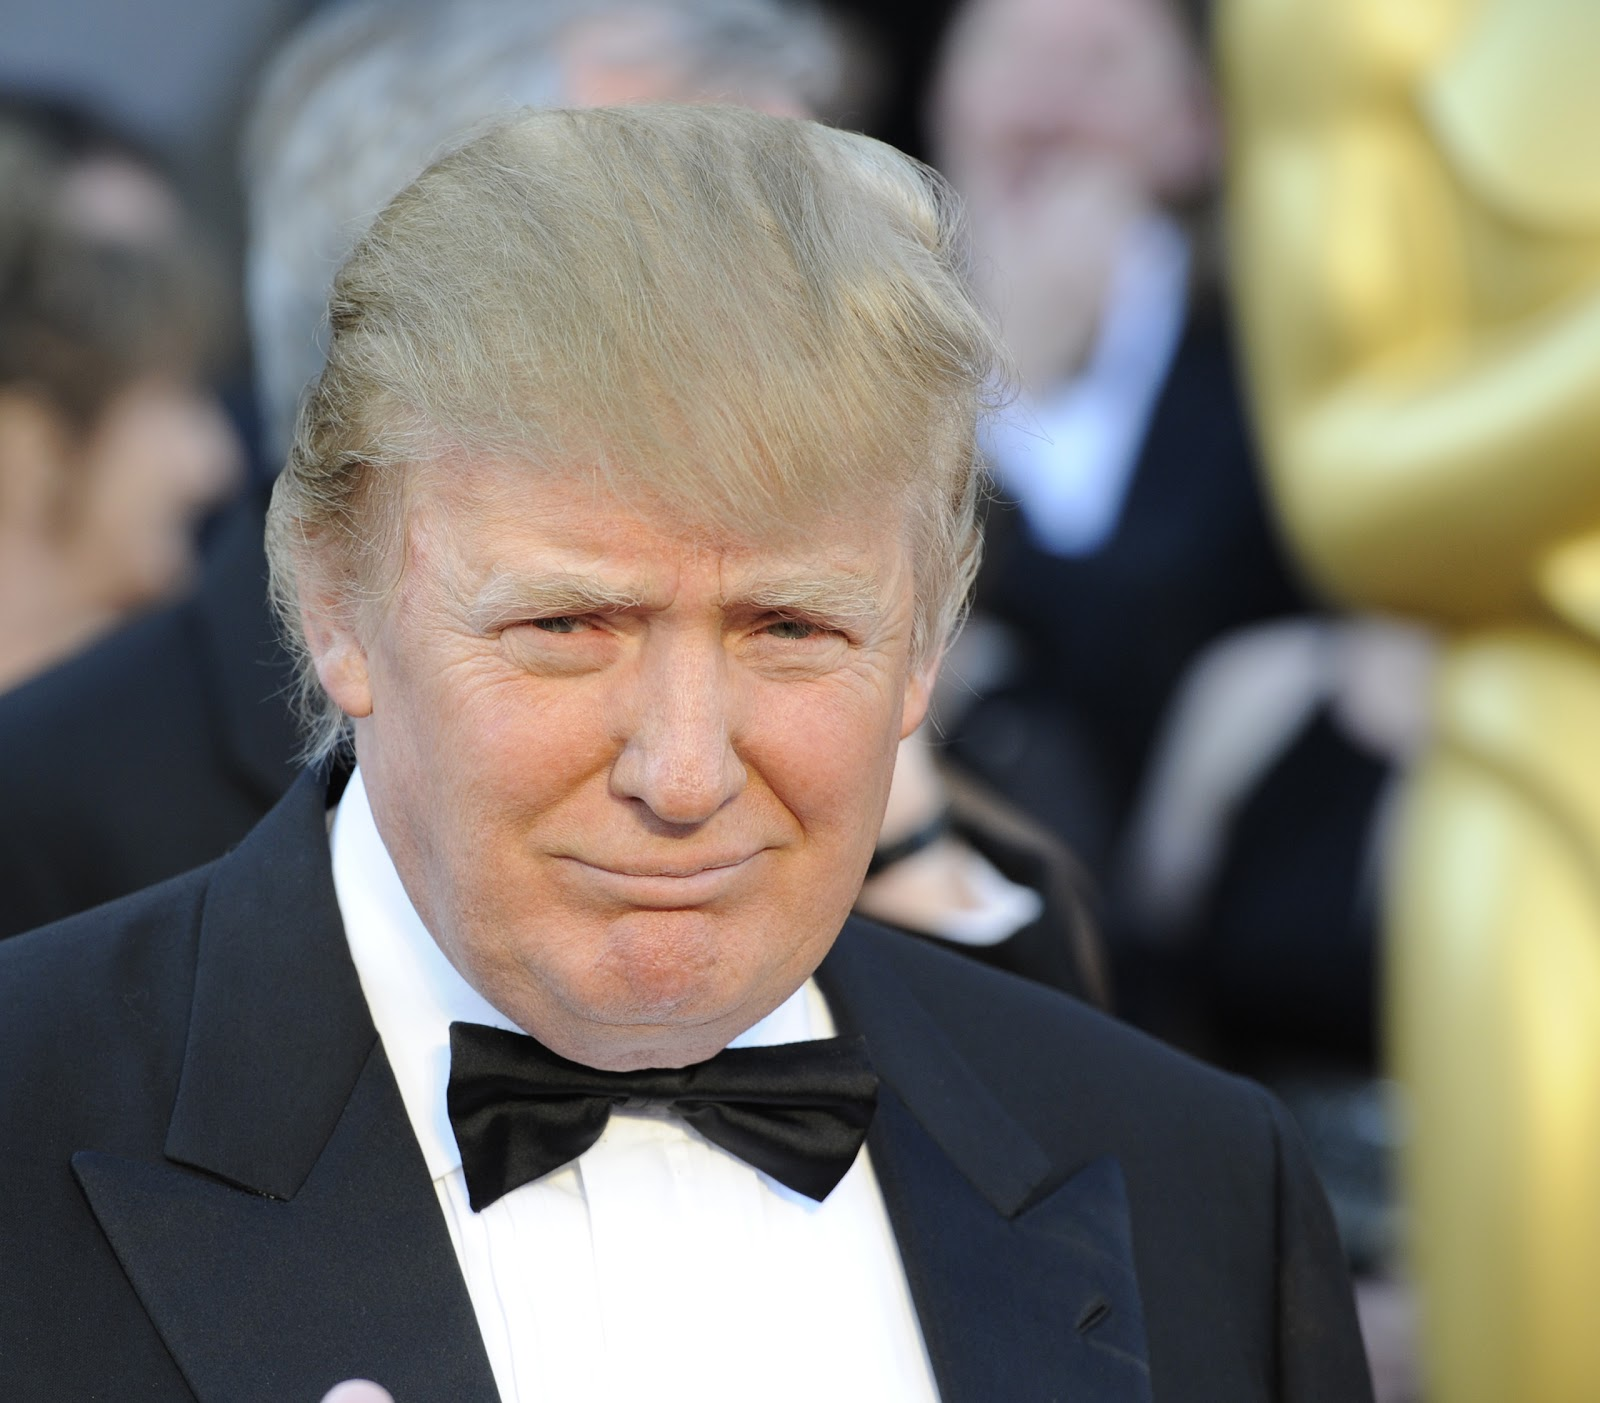 Donald Trump Hair The hair. trump isn't fooling